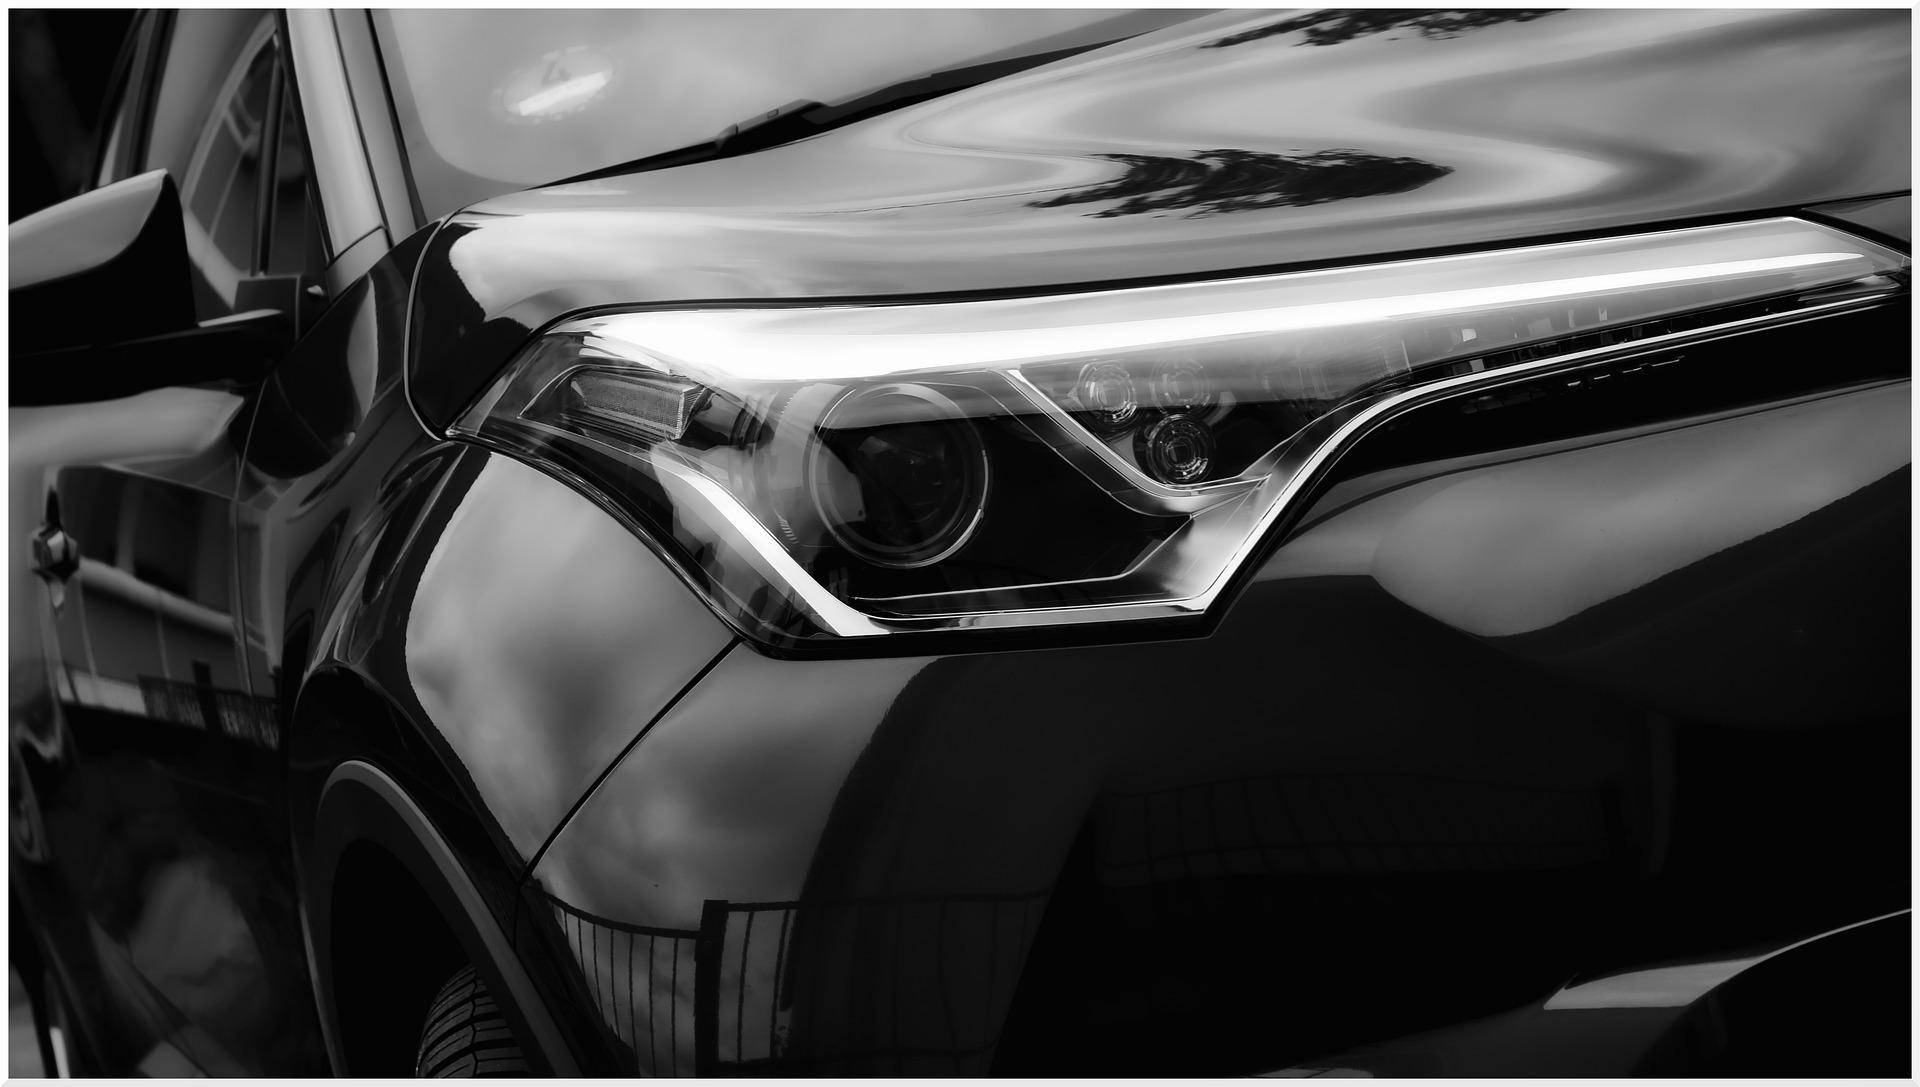 Auto Spotlight Vehicle Technology Design Mirroring